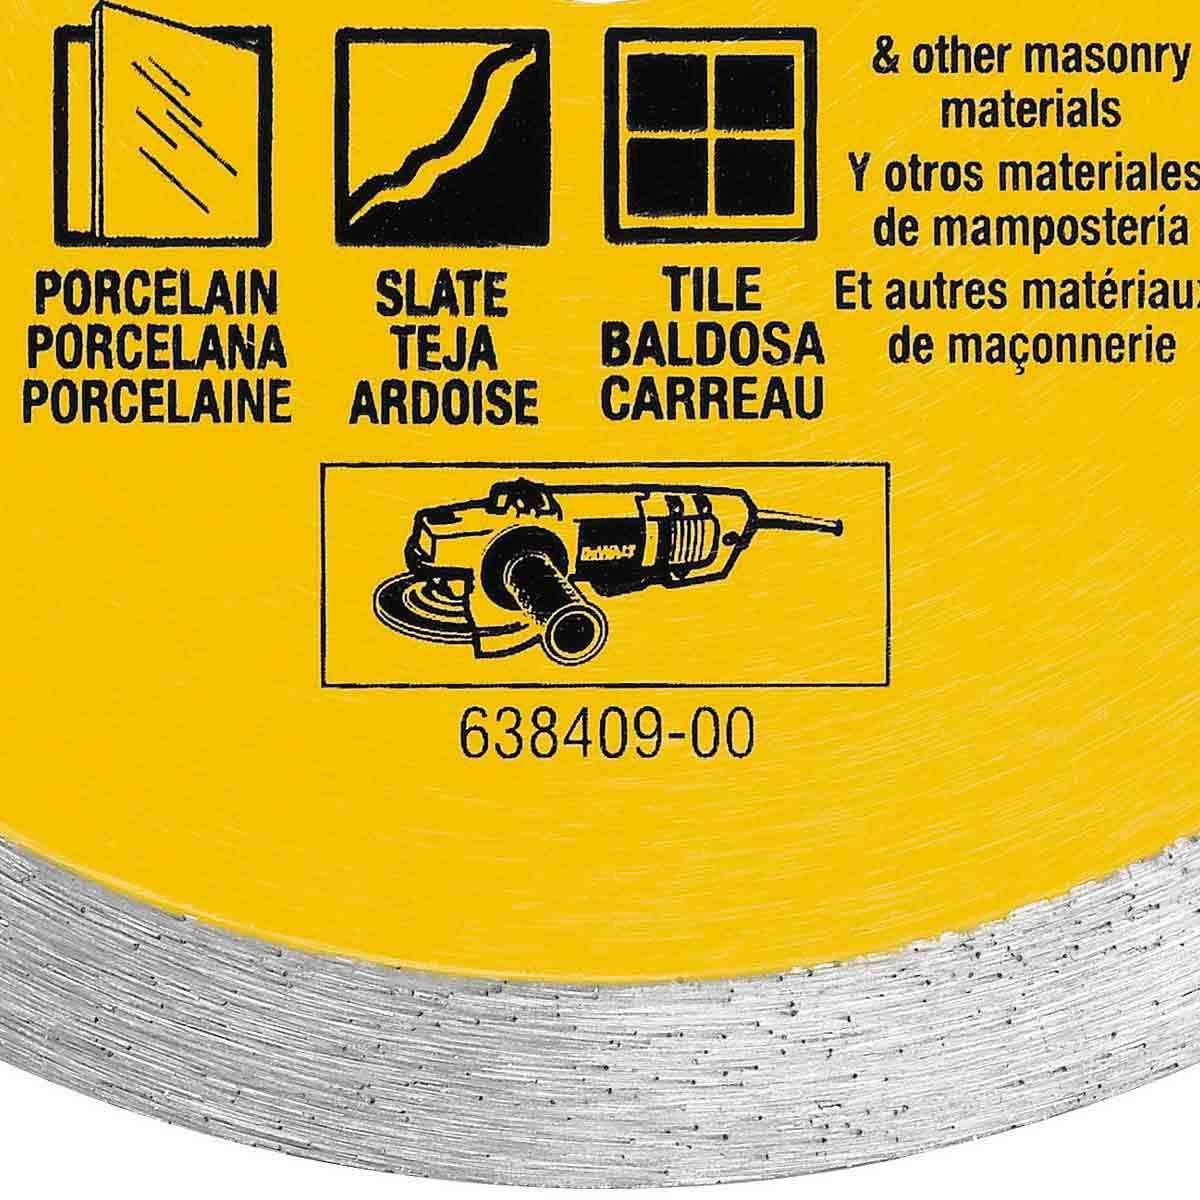 dewalt 4 1/2in dry porcelain tile blade rim